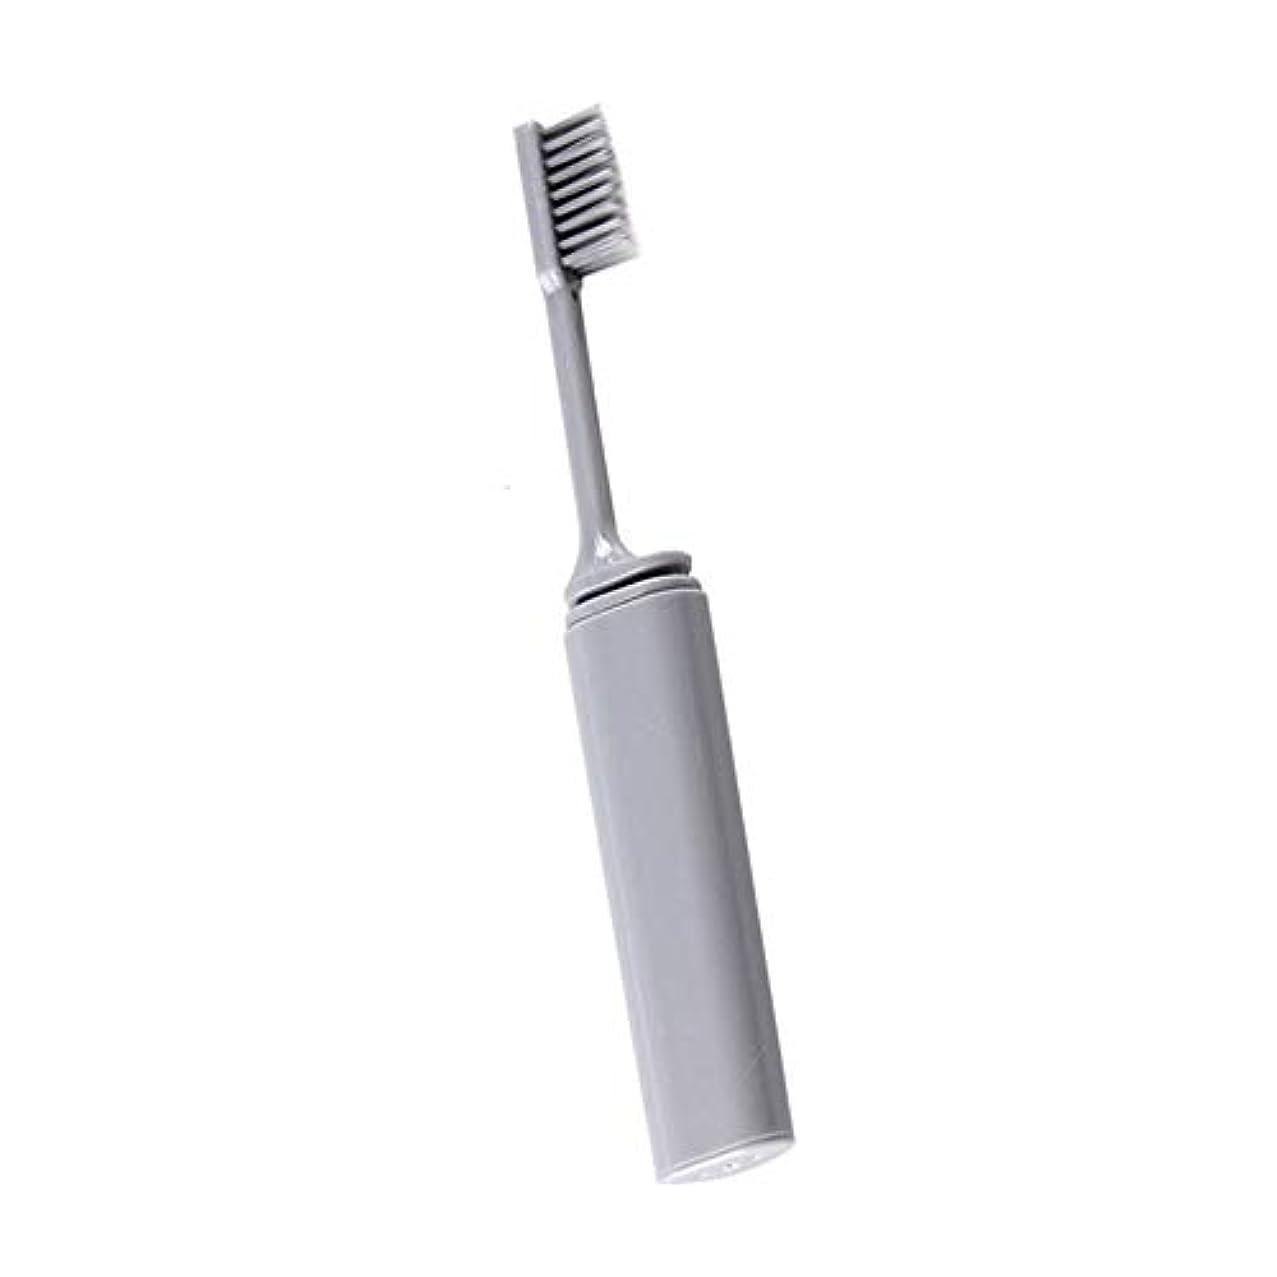 爆弾背が高い特異なOnior 旅行歯ブラシ 折りたたみ歯ブラシ 携帯歯ブラシ 外出 旅行用品, ソフト コンパクト歯ブラシ 便利 折りたたみ 耐久性 携帯用 灰色